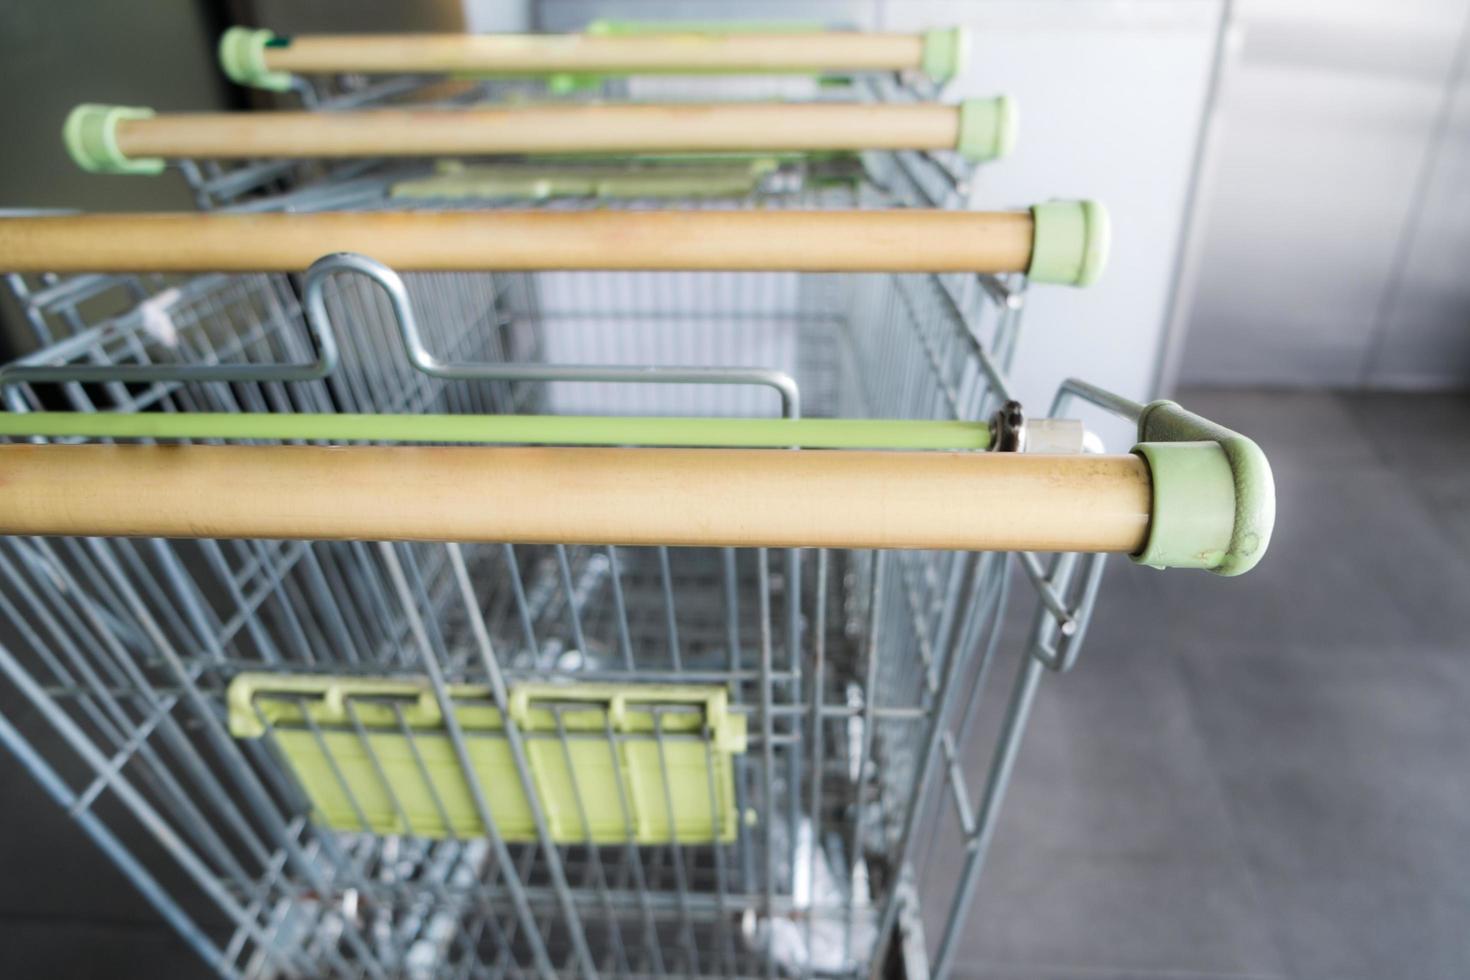 carrelli vuoti fuori dal supermercato foto